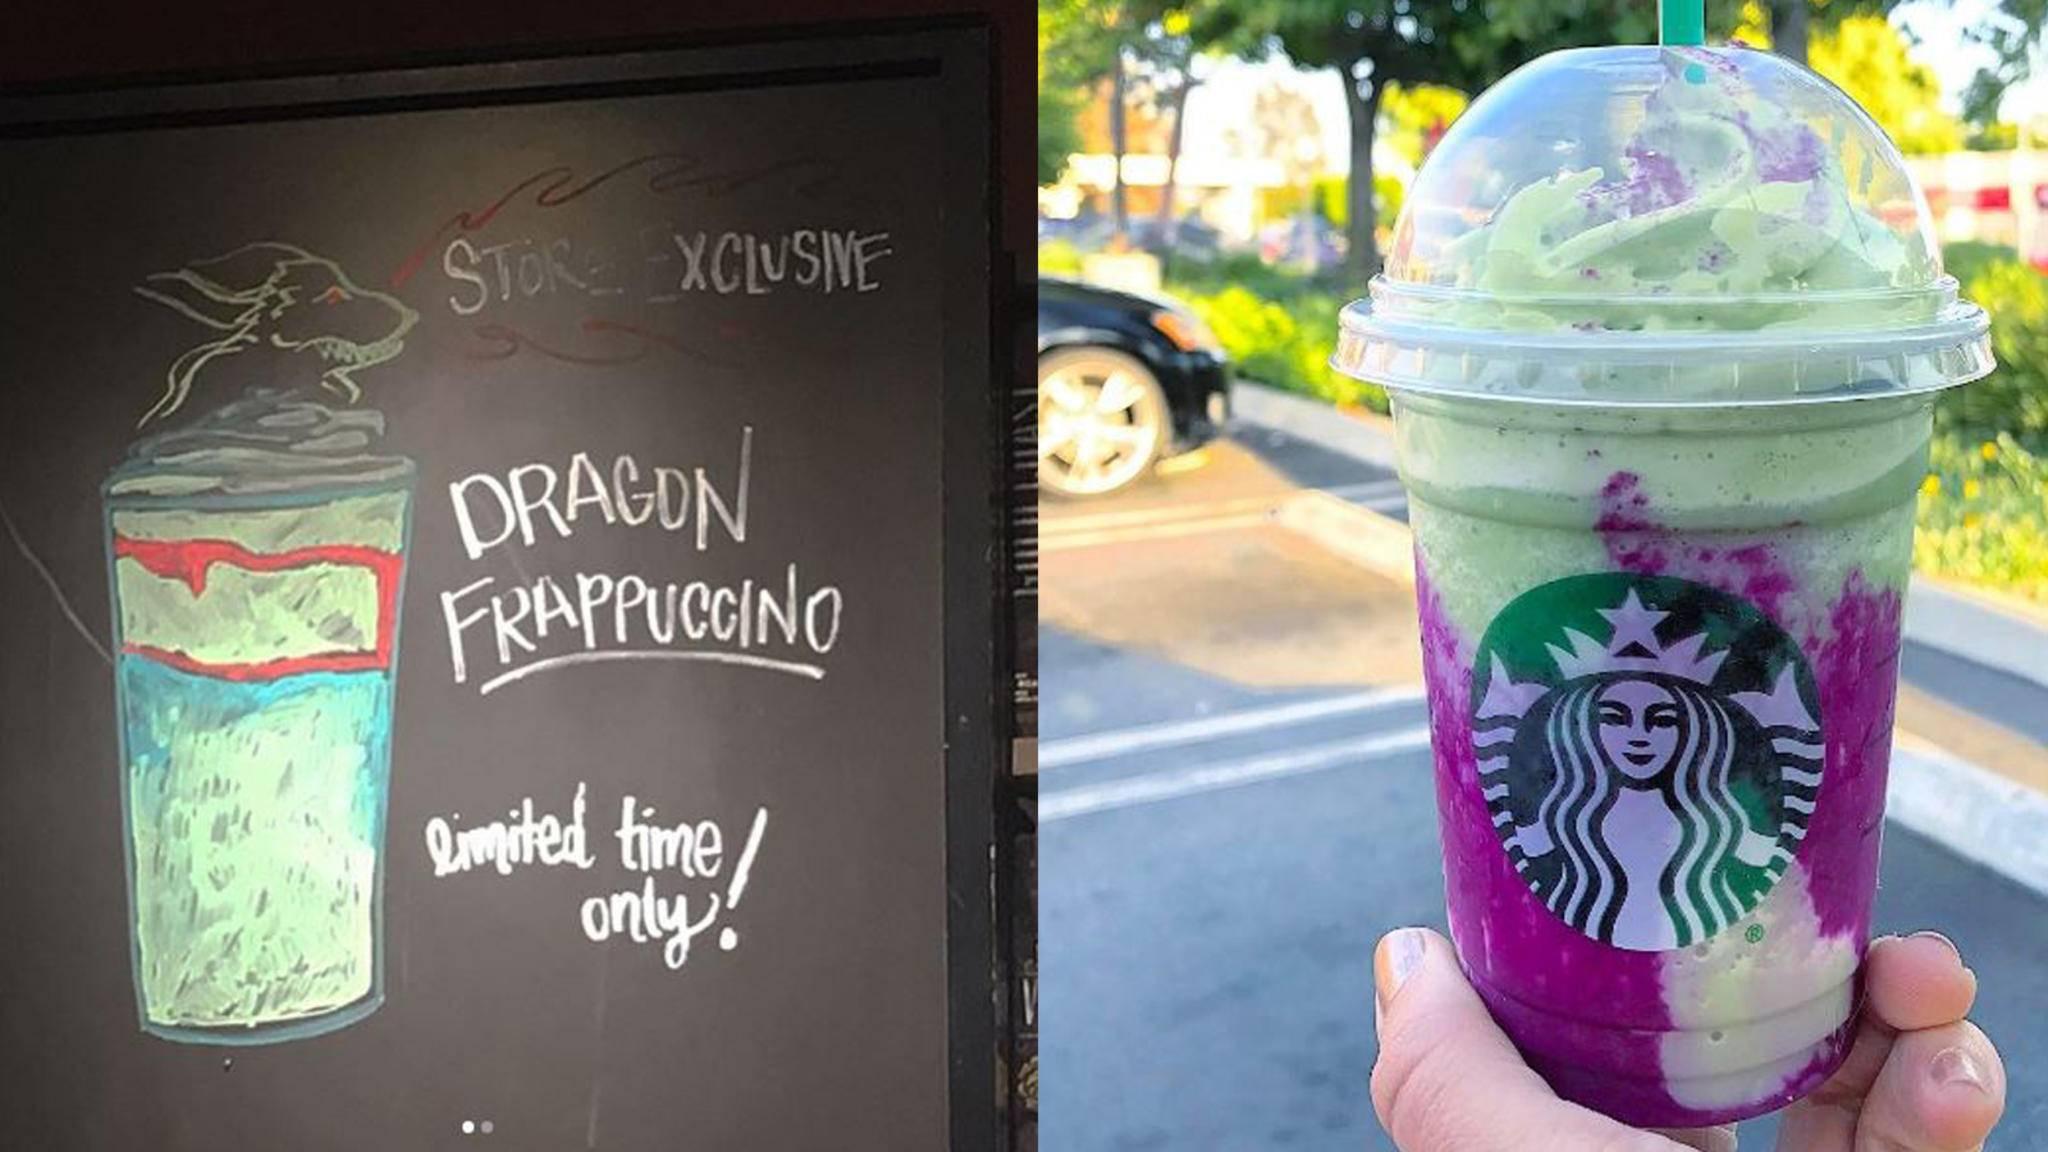 Schafft es der Drachen-Frappuccino vielleicht sogar ins offizielle Starbucks-Menü?